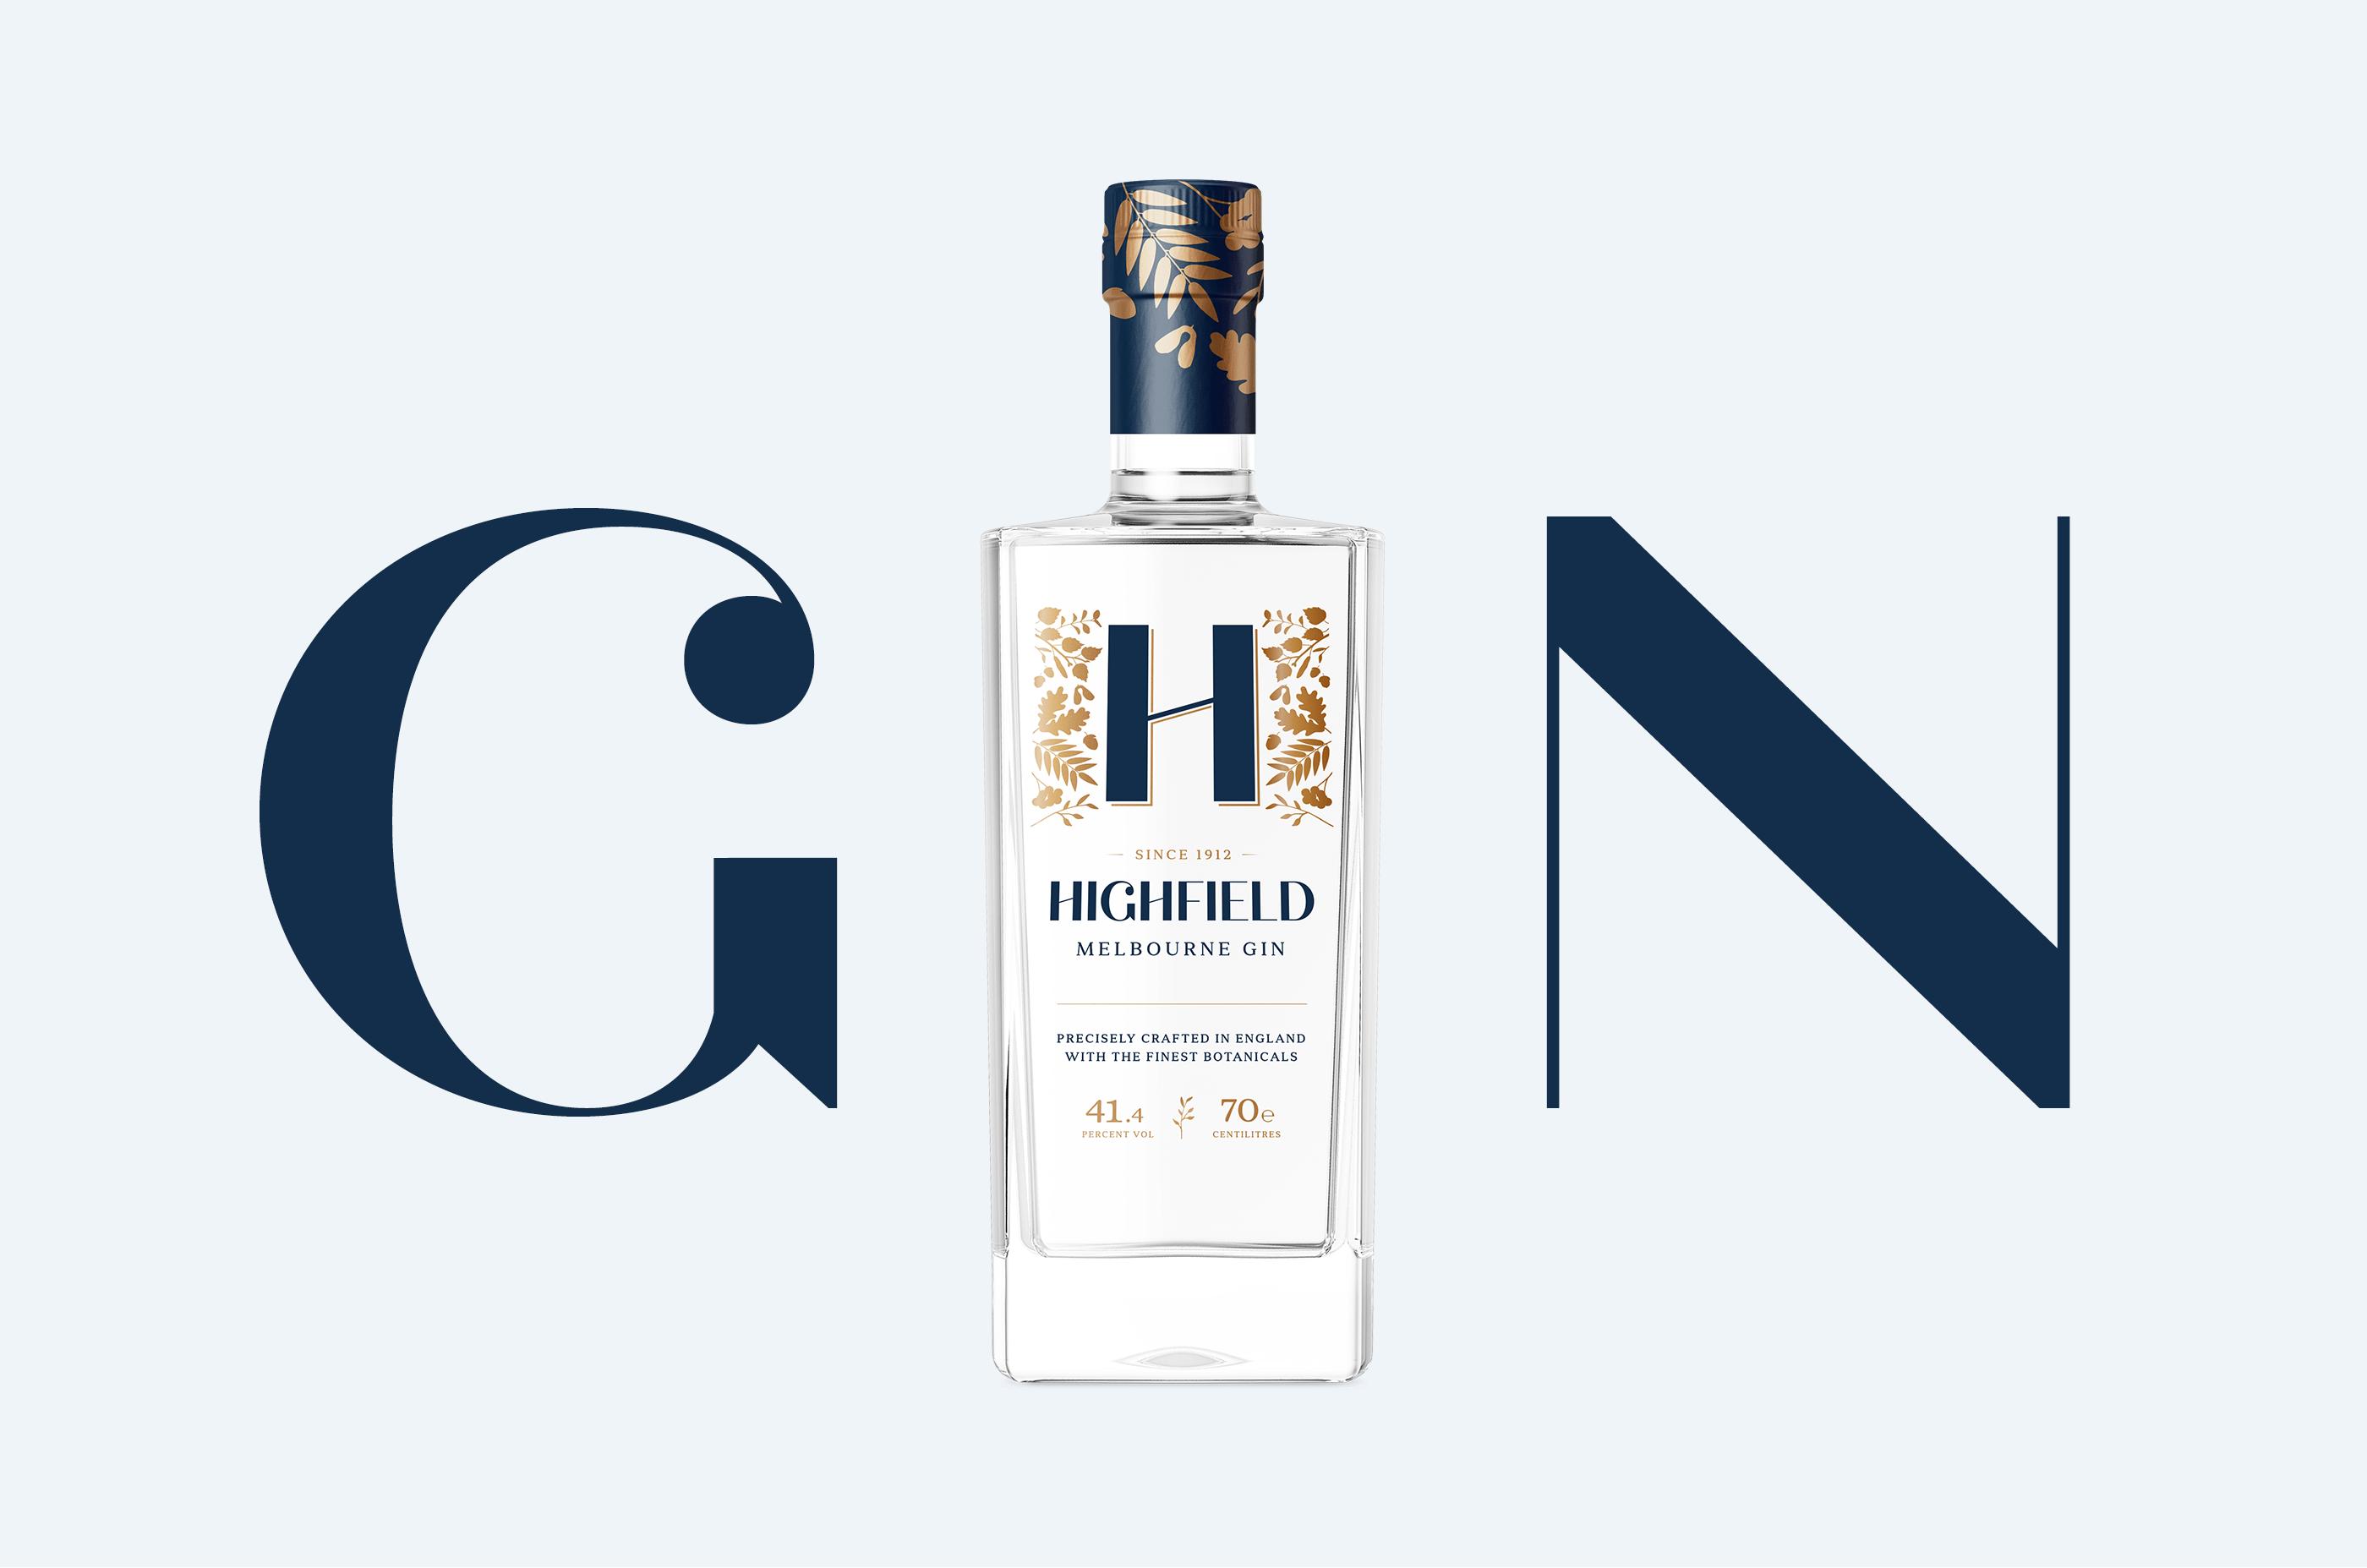 Highfield Gin